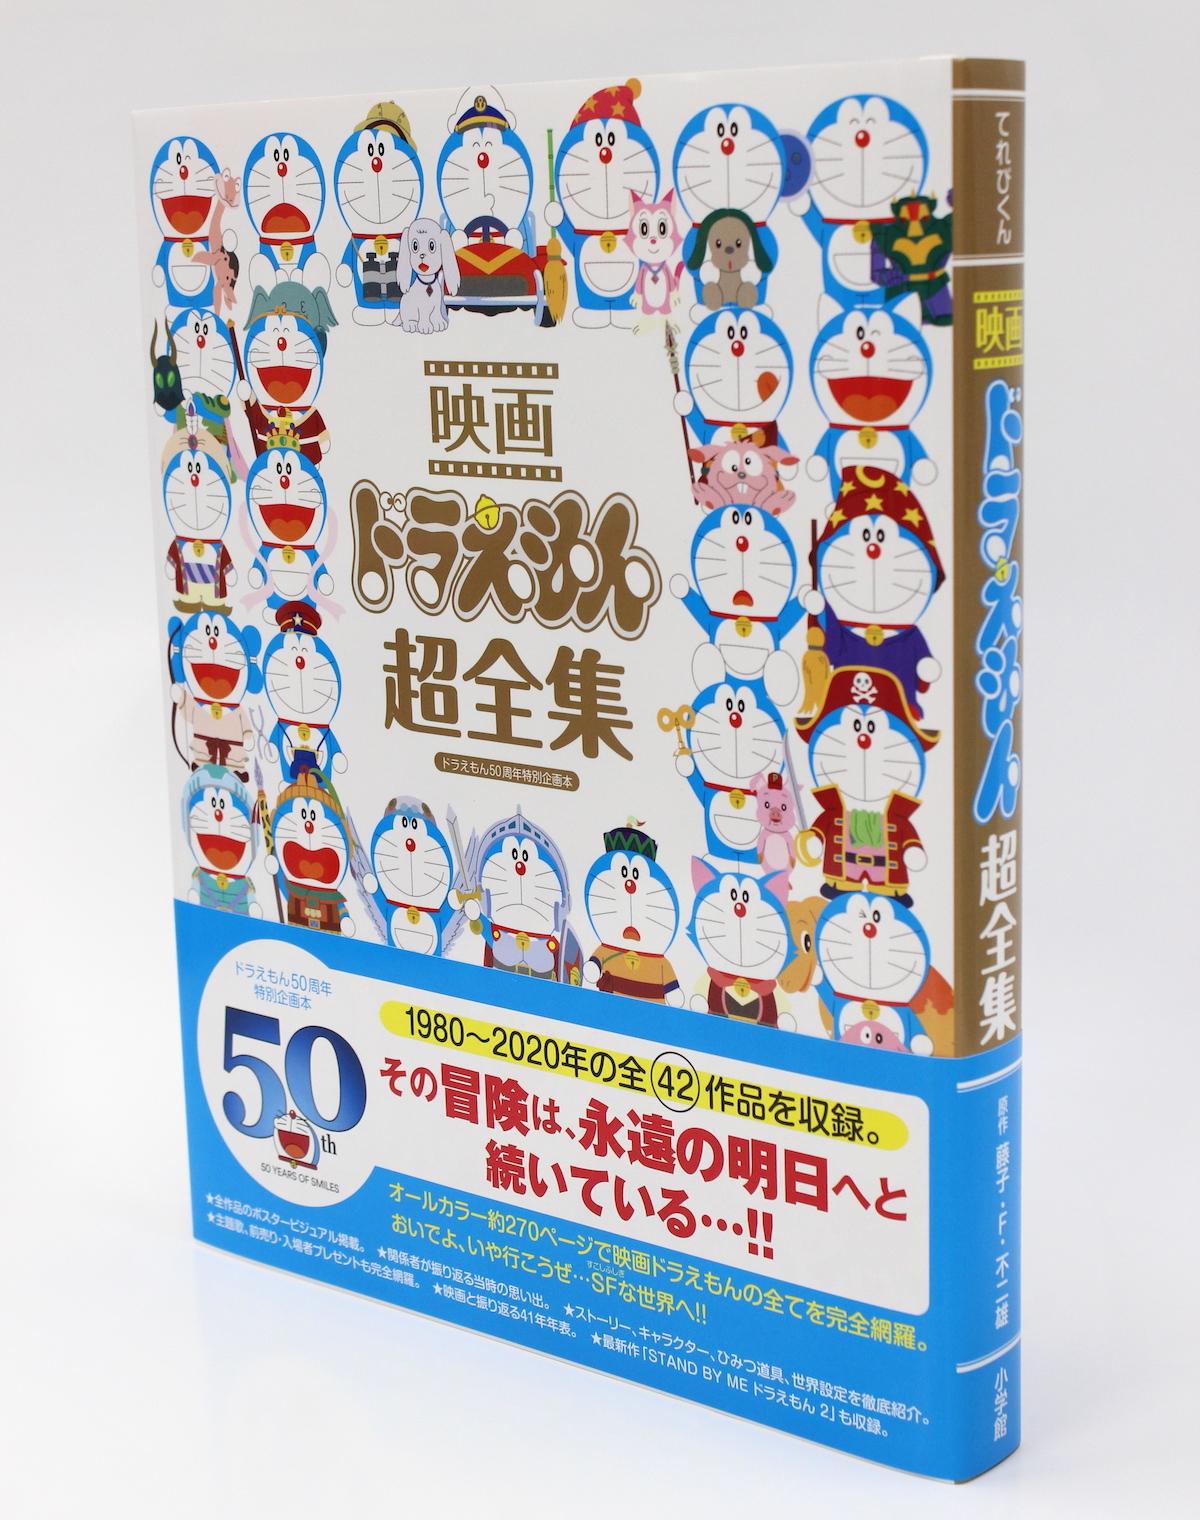 ドラえもん50周年特別企画 「映画ドラえもん超全集」絶賛発売中 ...